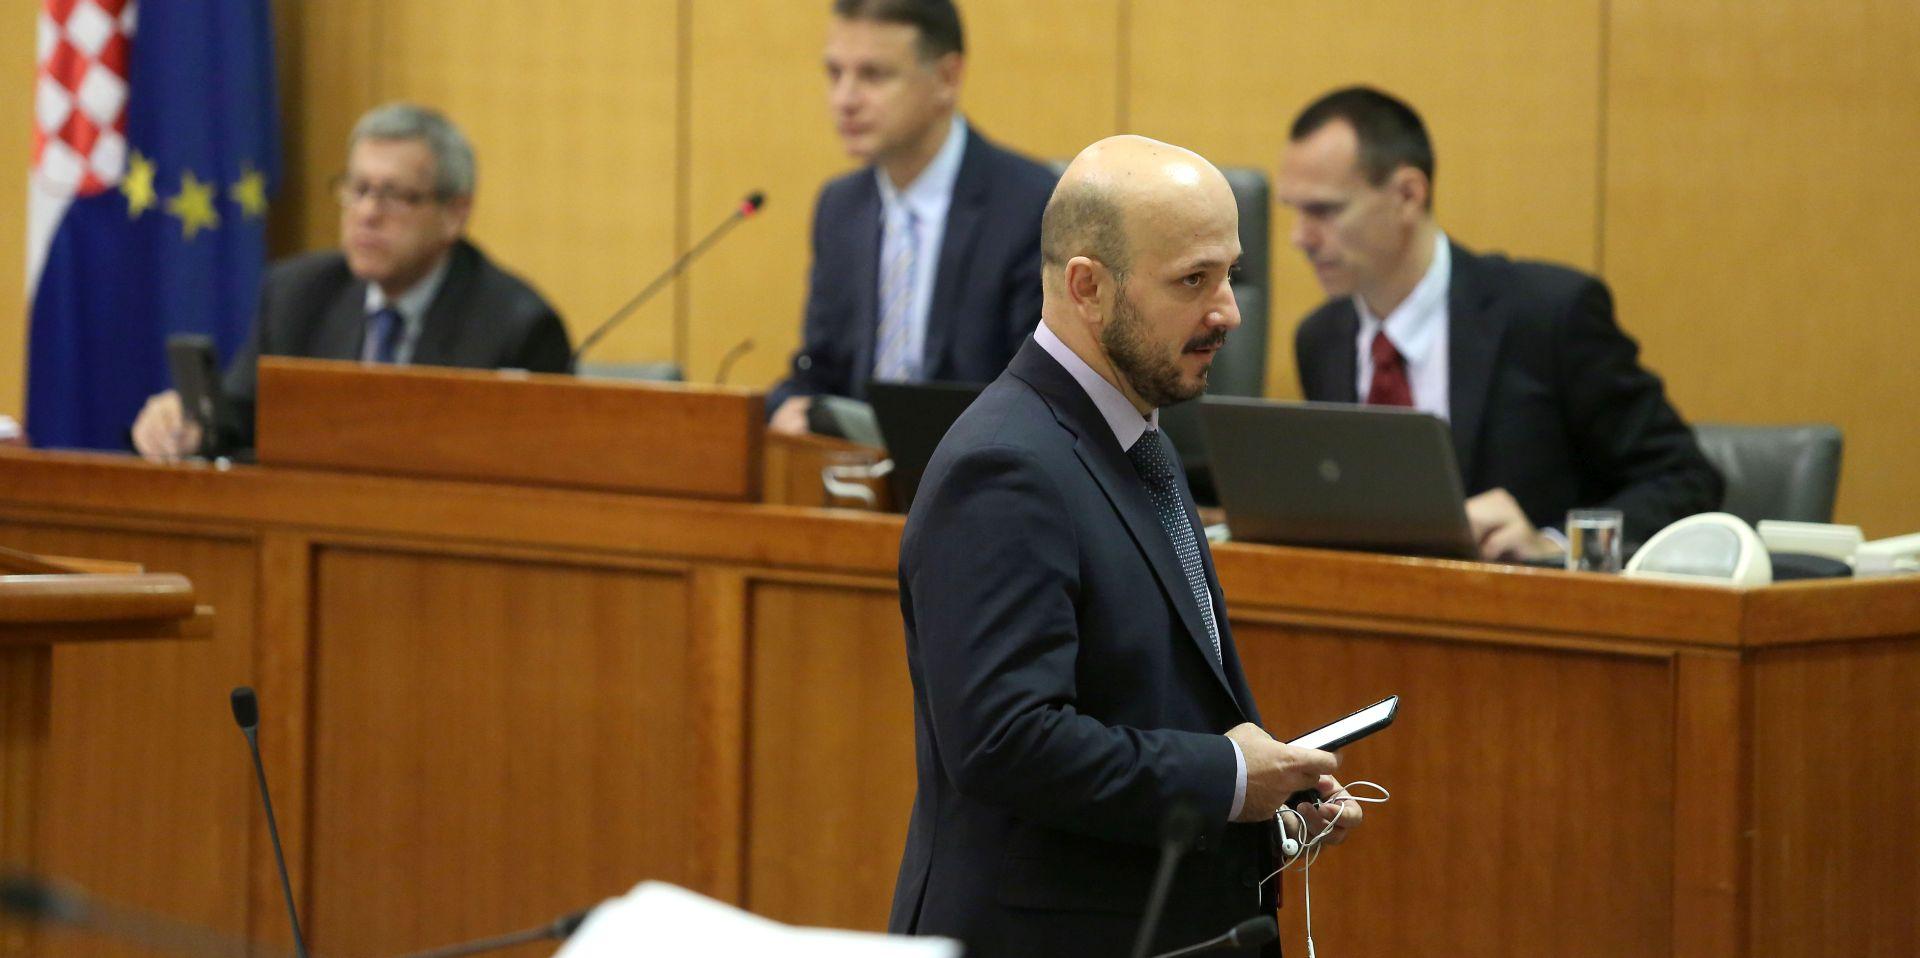 SABOR: Zbog Todorićeva bloga Bulj traži ostavku Vlade, Maras odgovore premijera, Bačić – to su Todorićeve tvrdnje